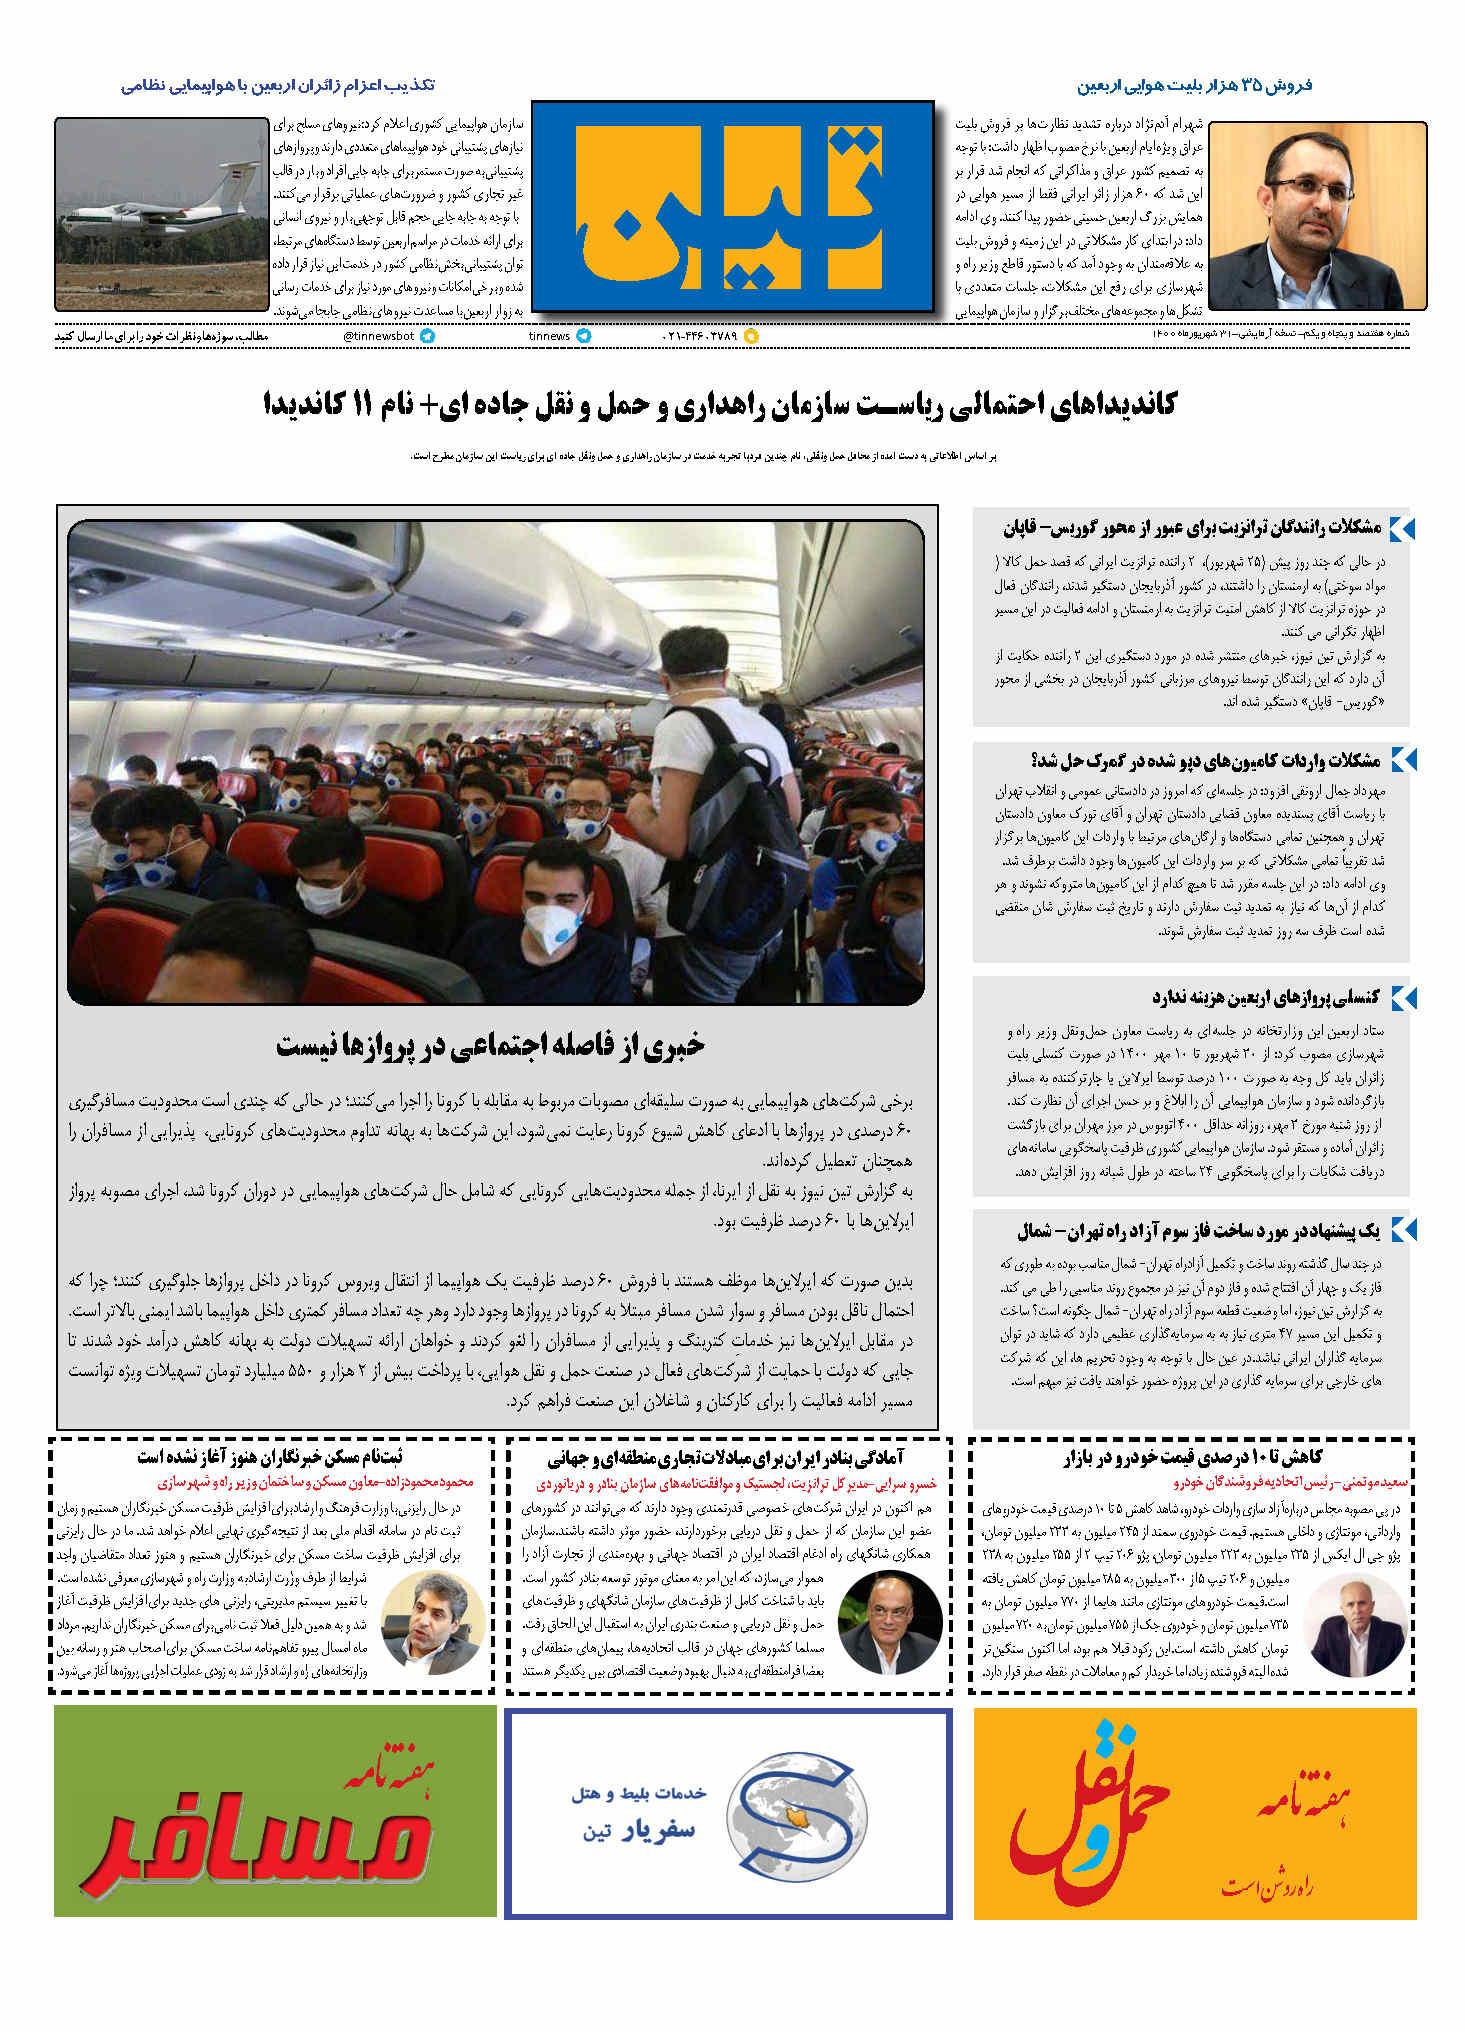 روزنامه الکترونیک 31 شهریورماه 1400